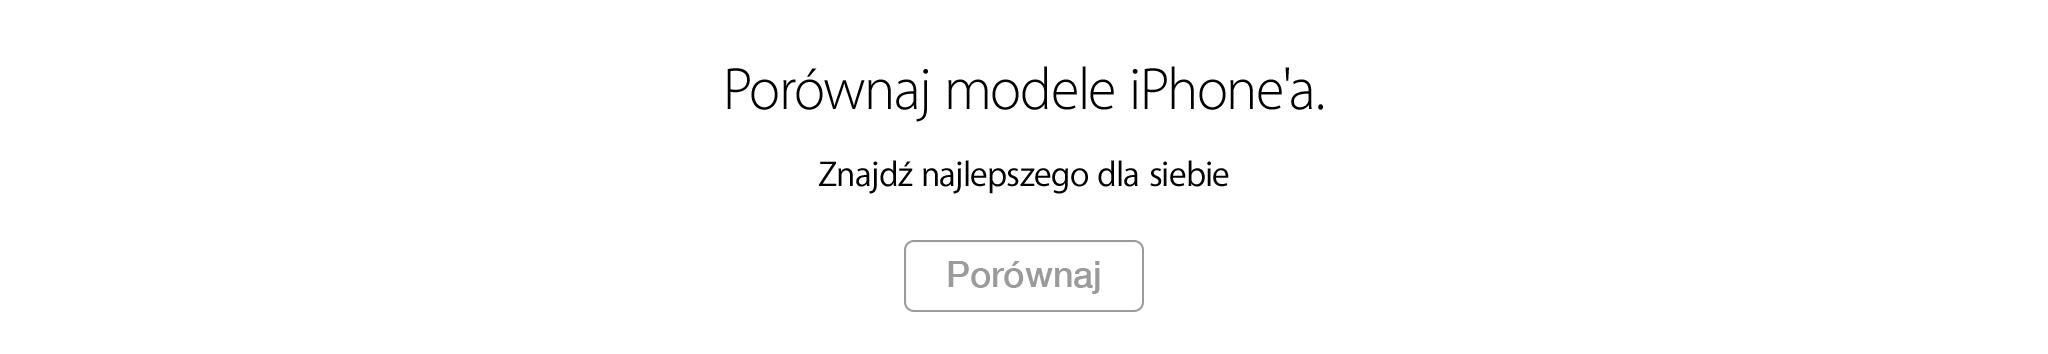 Porównaj modele telefonów iPhone.